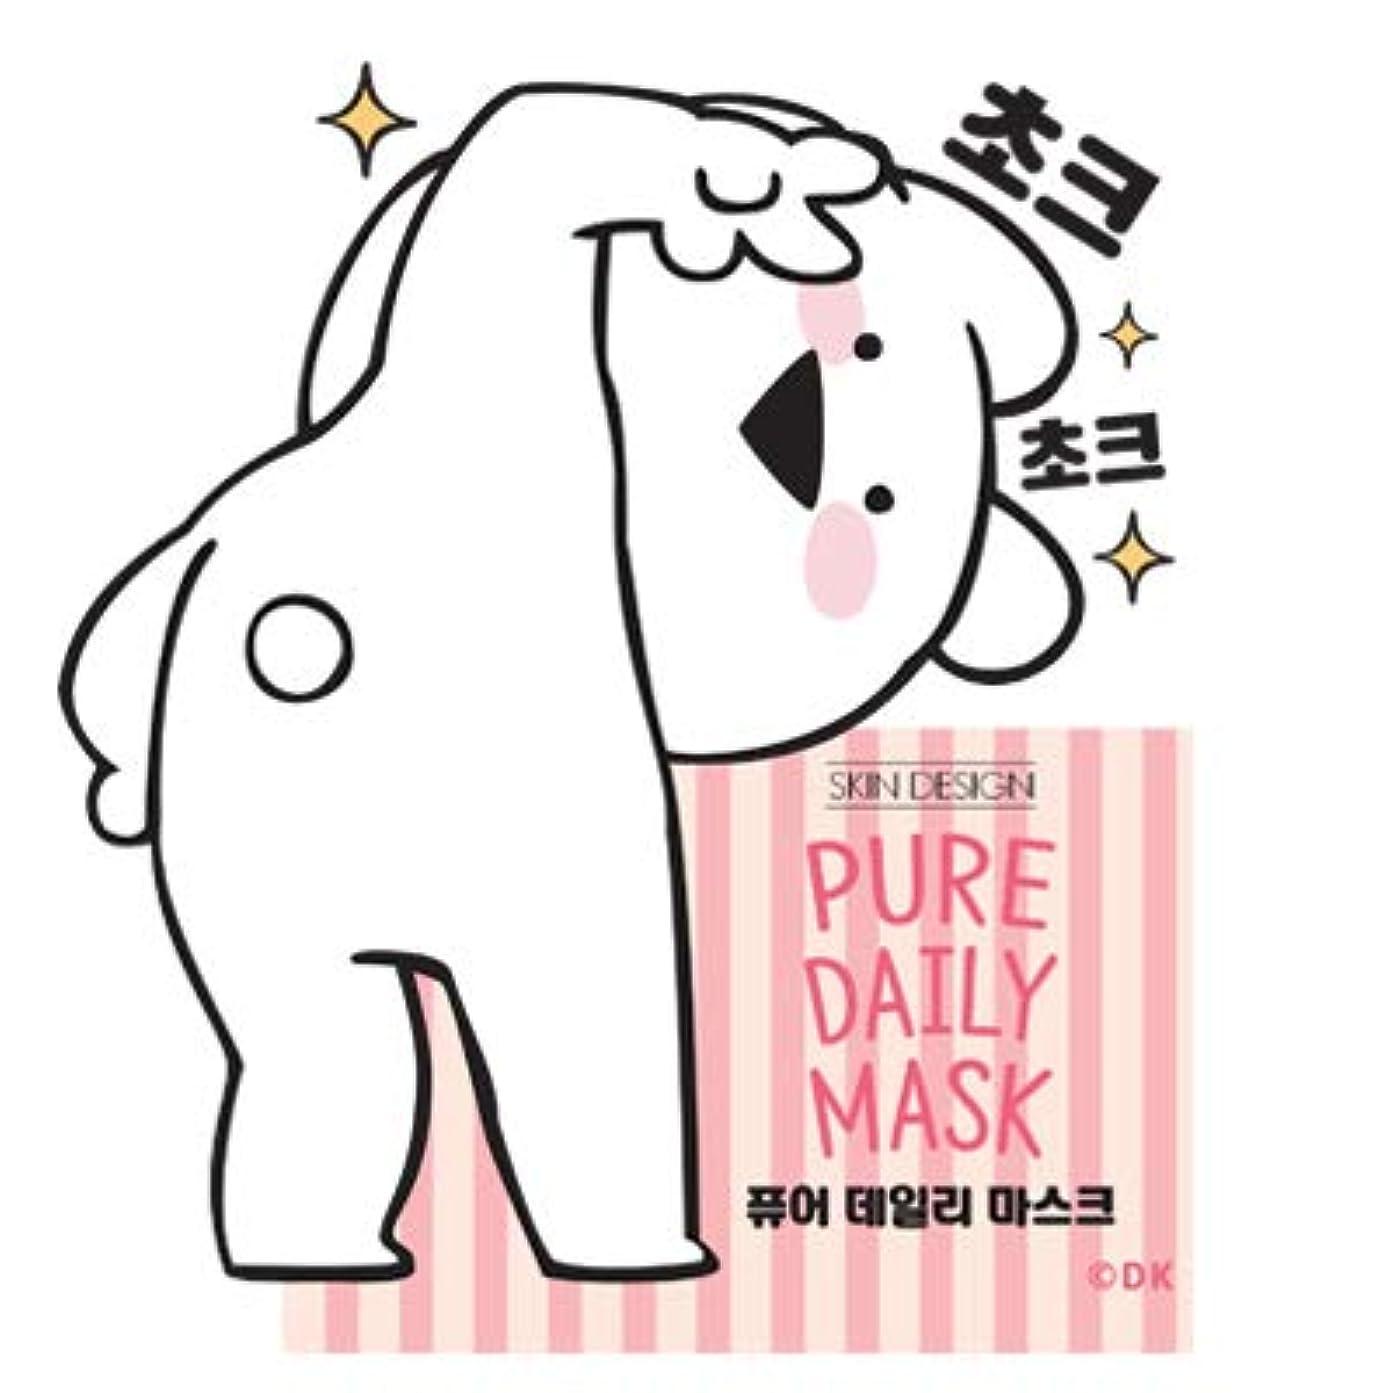 湿地アート熱狂的なSKIN DESIGN スキンデザイン ピュアデイリーマスクシート5枚セット PURE DAILY MASK 韓国コスメ/マスクシート/すこぶる動くウサギ (B-01)